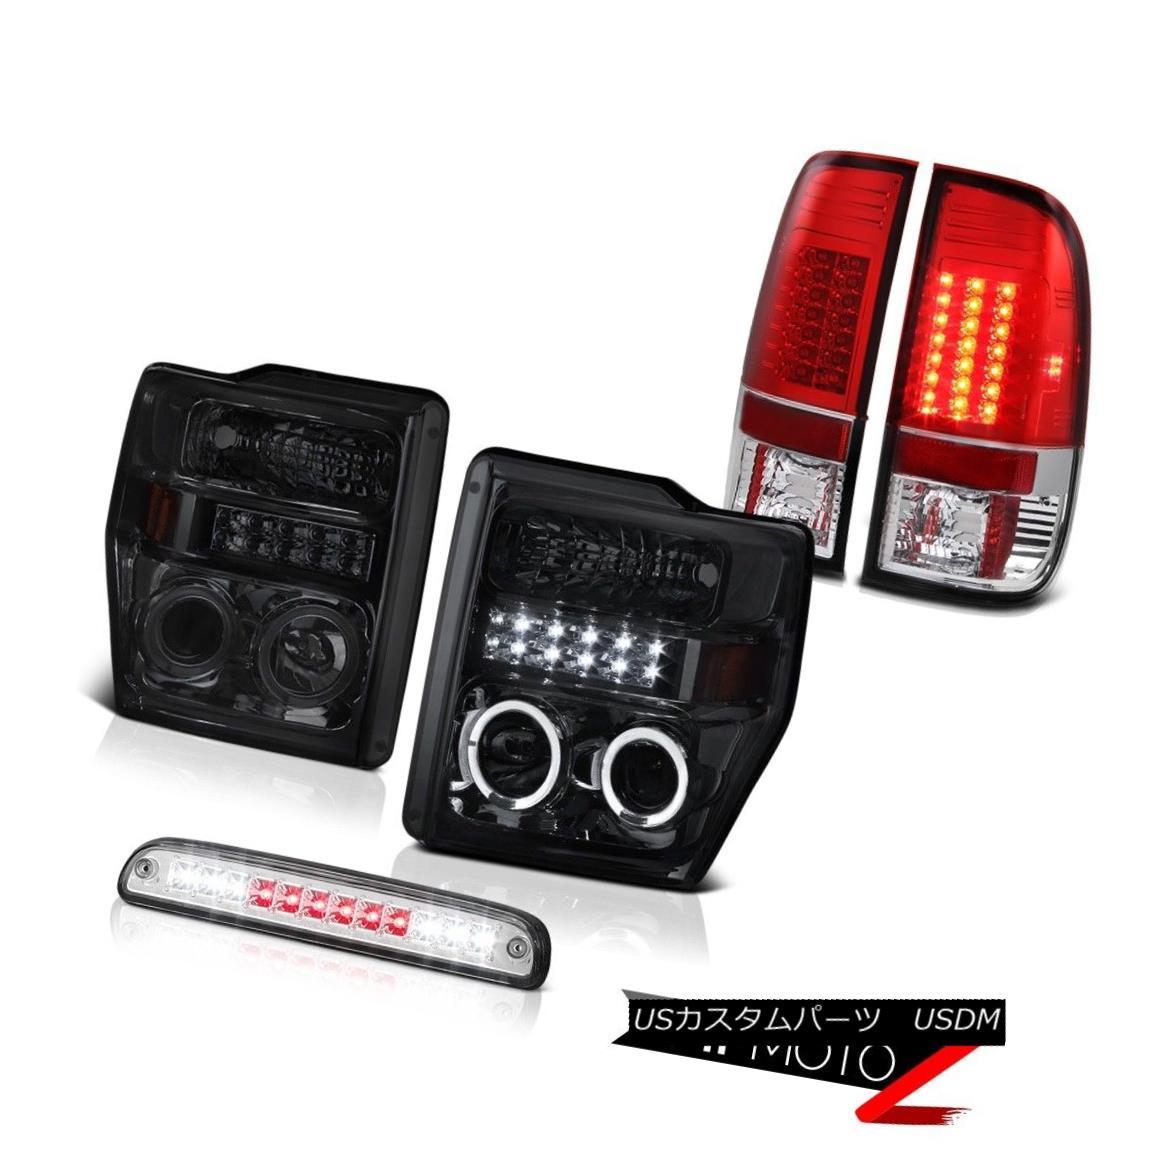 ヘッドライト Smoke DRL Headlights Roof Brake Cargo LED Tail Light 2008 2009 2010 Ford F350 XL スモークDRLヘッドライトルーフブレーキカーゴLEDテールライト2008 2009 2010 Ford F350 XL